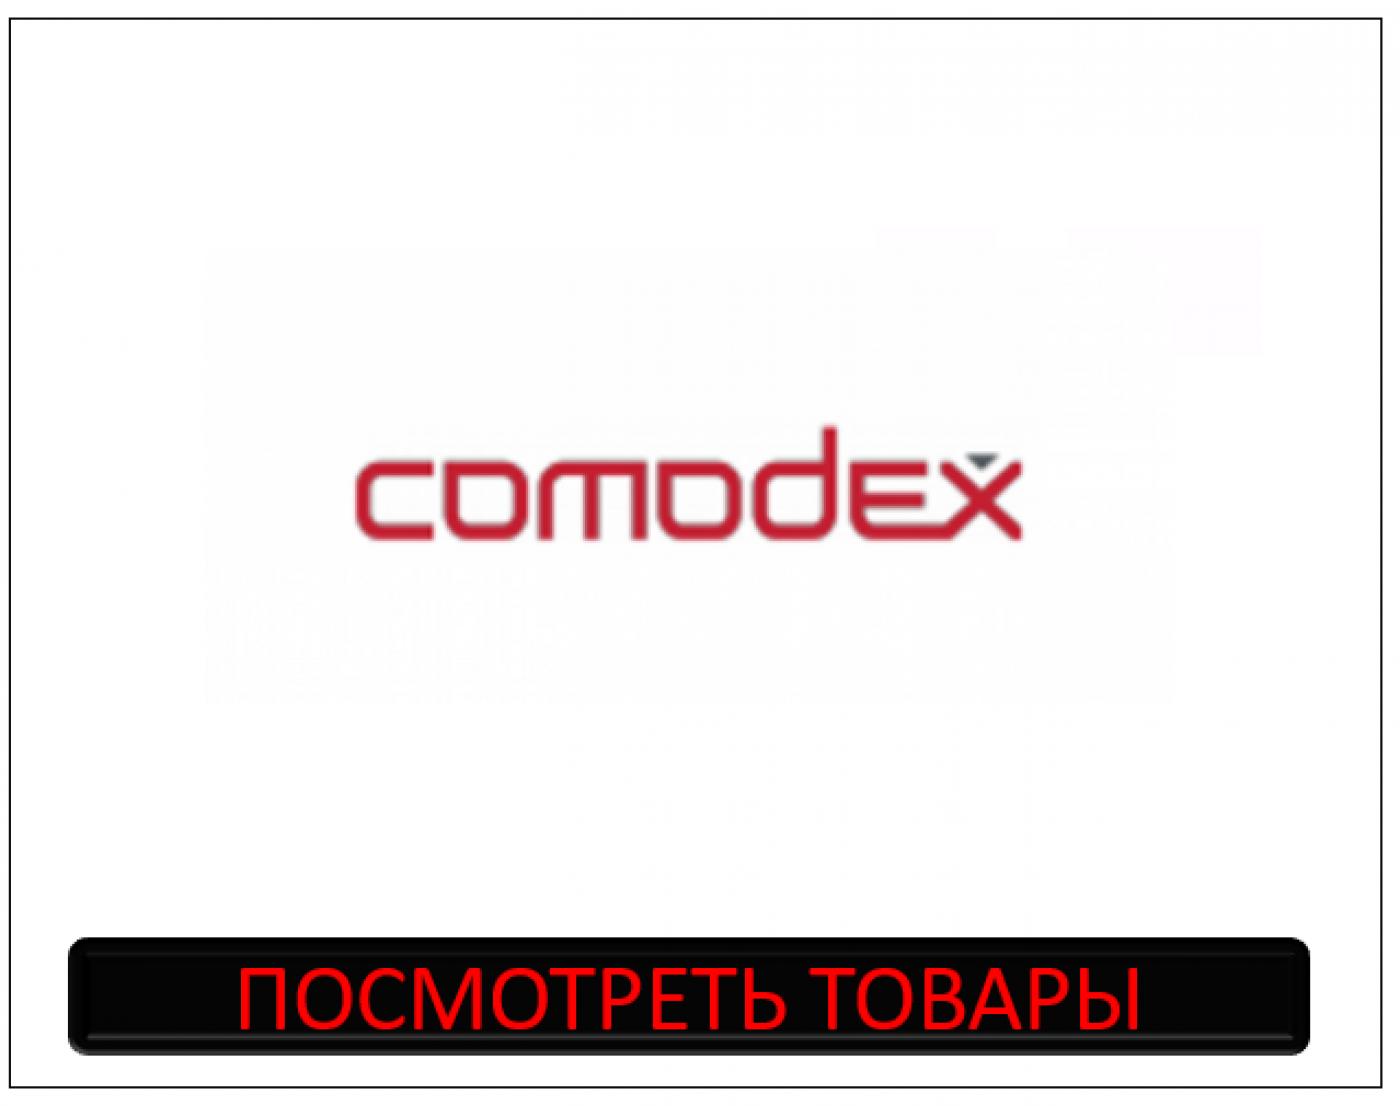 Comodex израильская косметика Christina